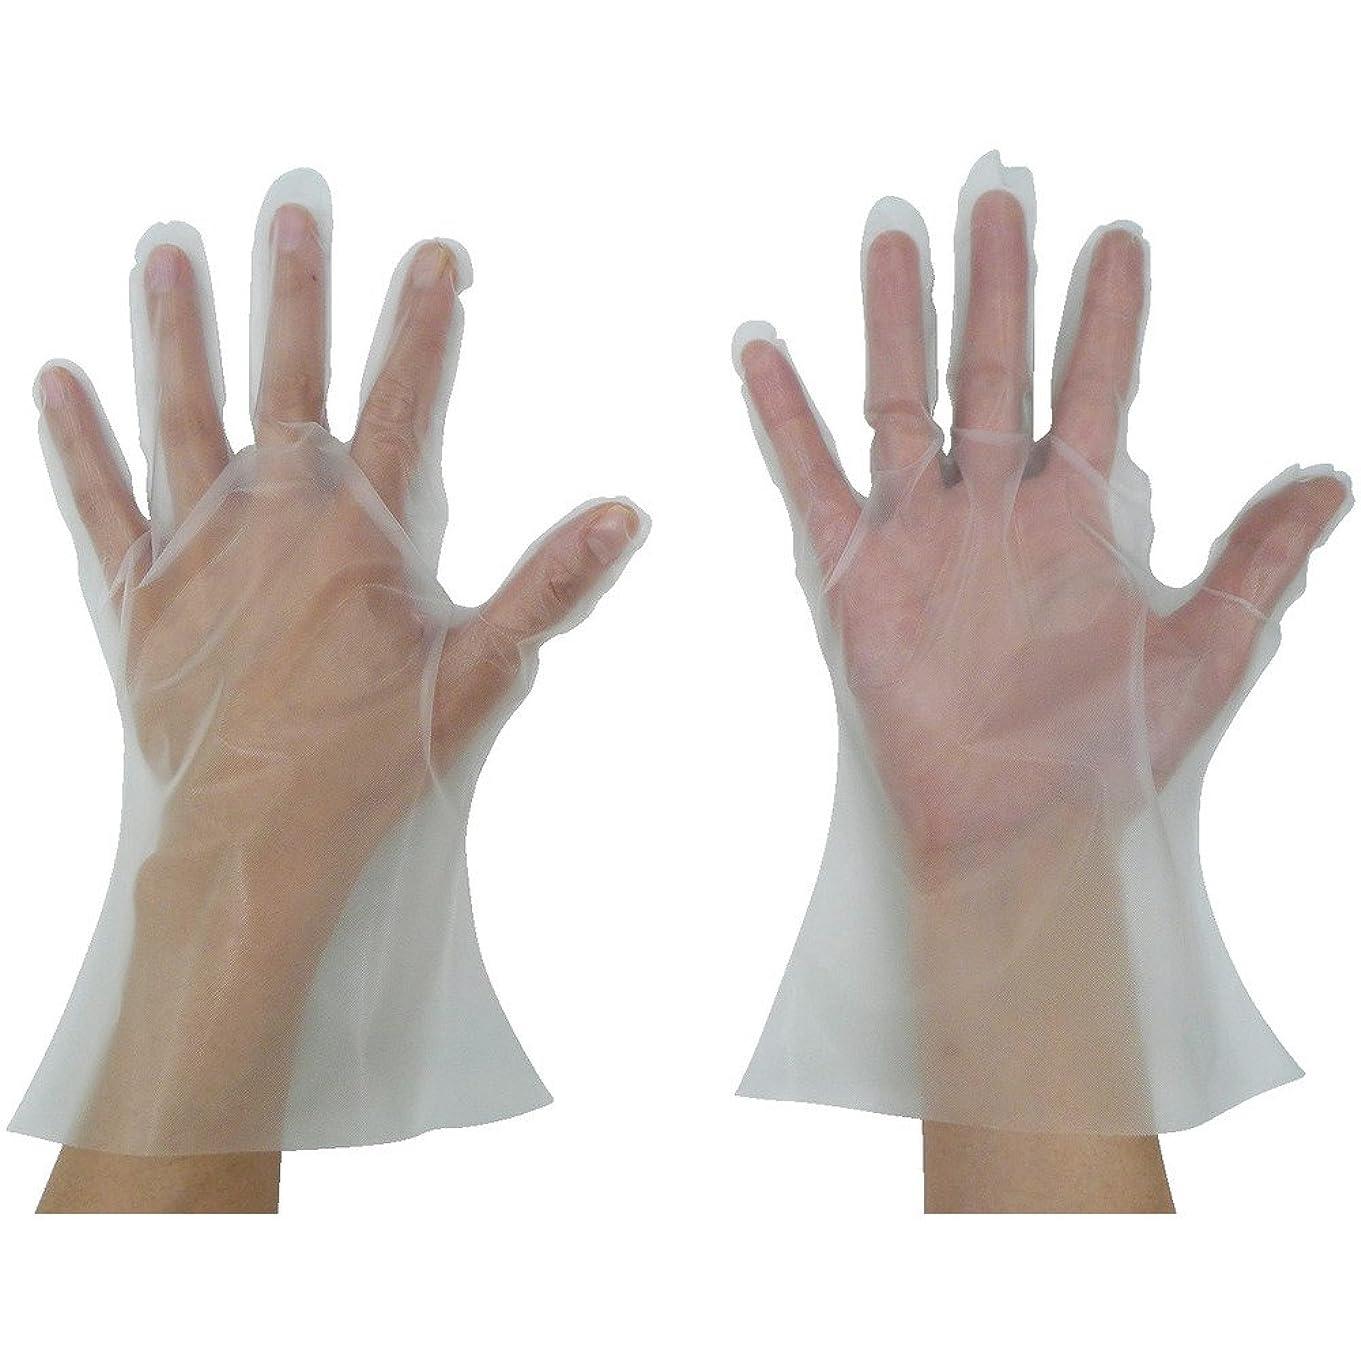 オーブン主に見捨てられた東京パック 緊急災害対策用手袋ニューマイジャスト簡易50L 半透明 KN-L ポリエチレン使い捨て手袋